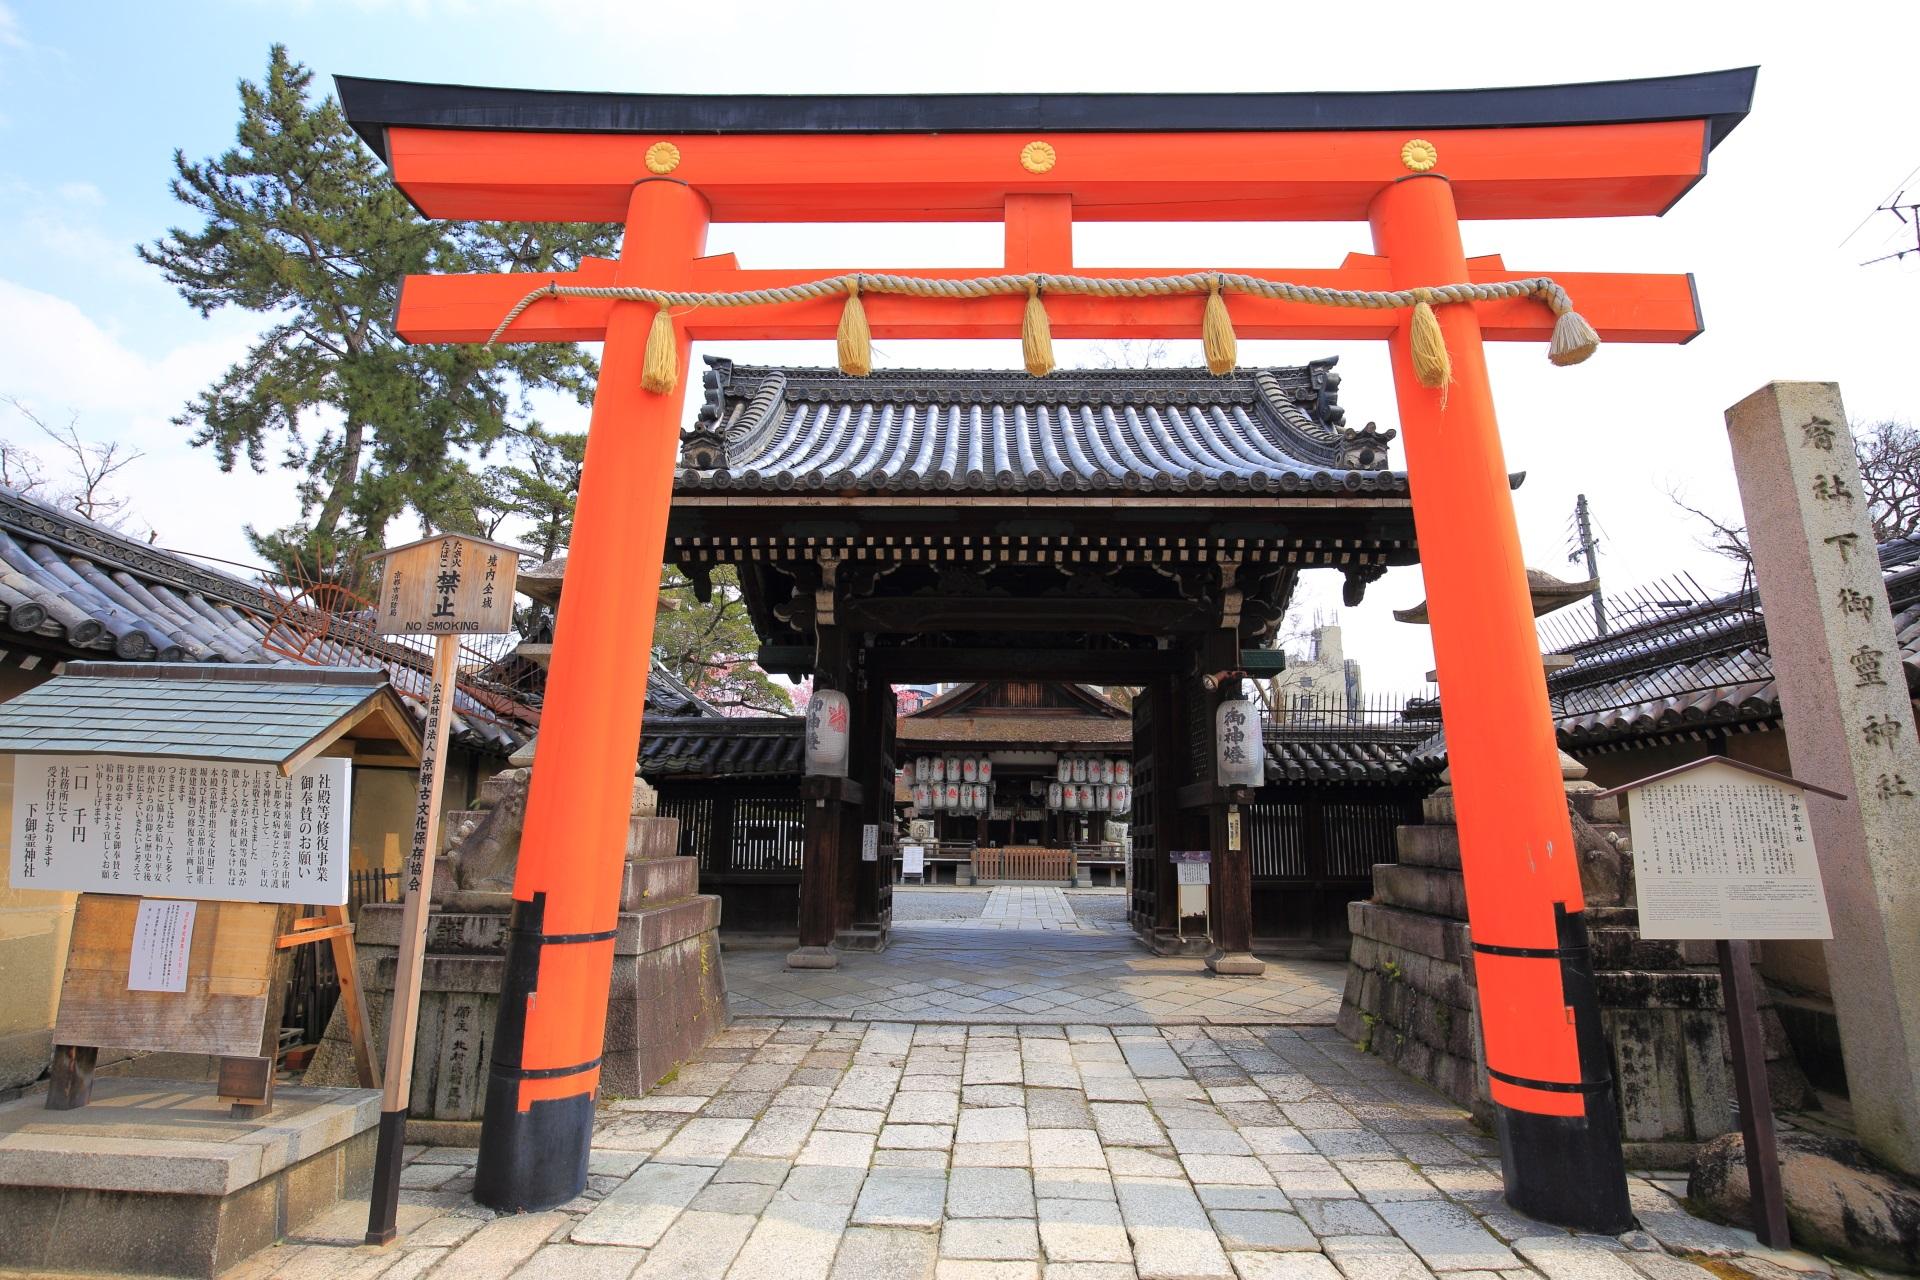 下御霊神社の鳥居と楼門